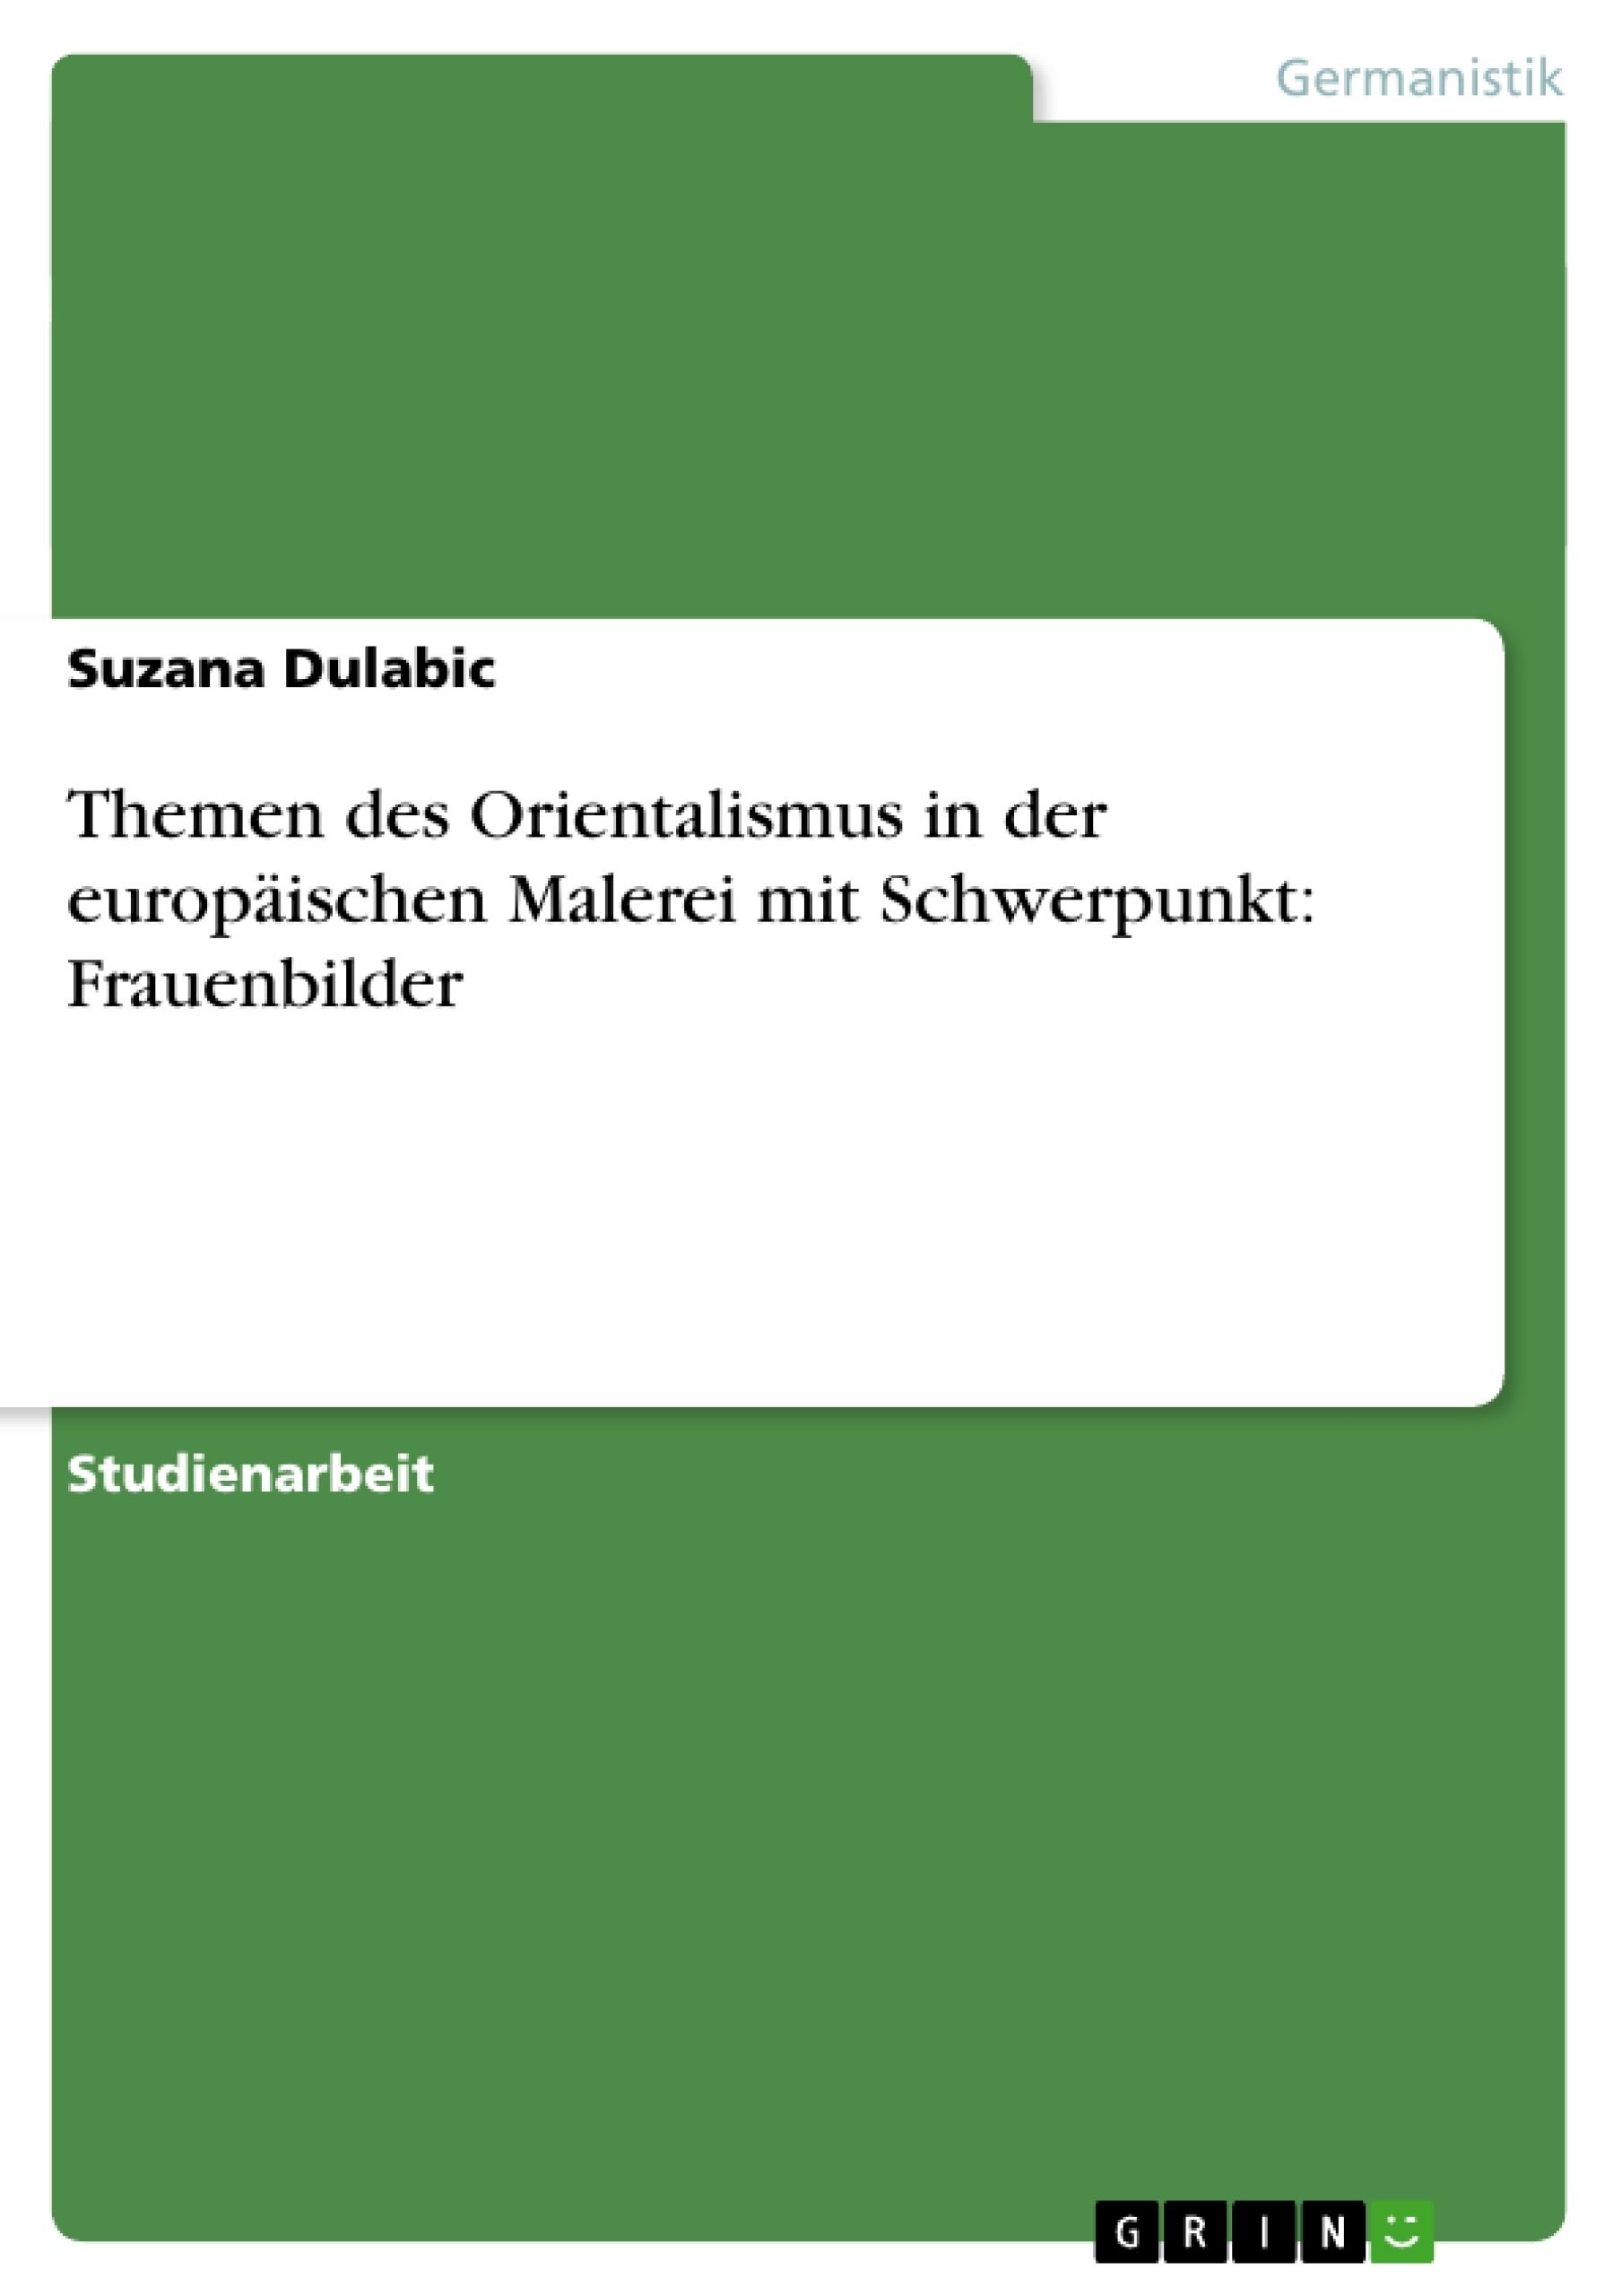 Titel: Themen des Orientalismus in der europäischen Malerei mit Schwerpunkt: Frauenbilder